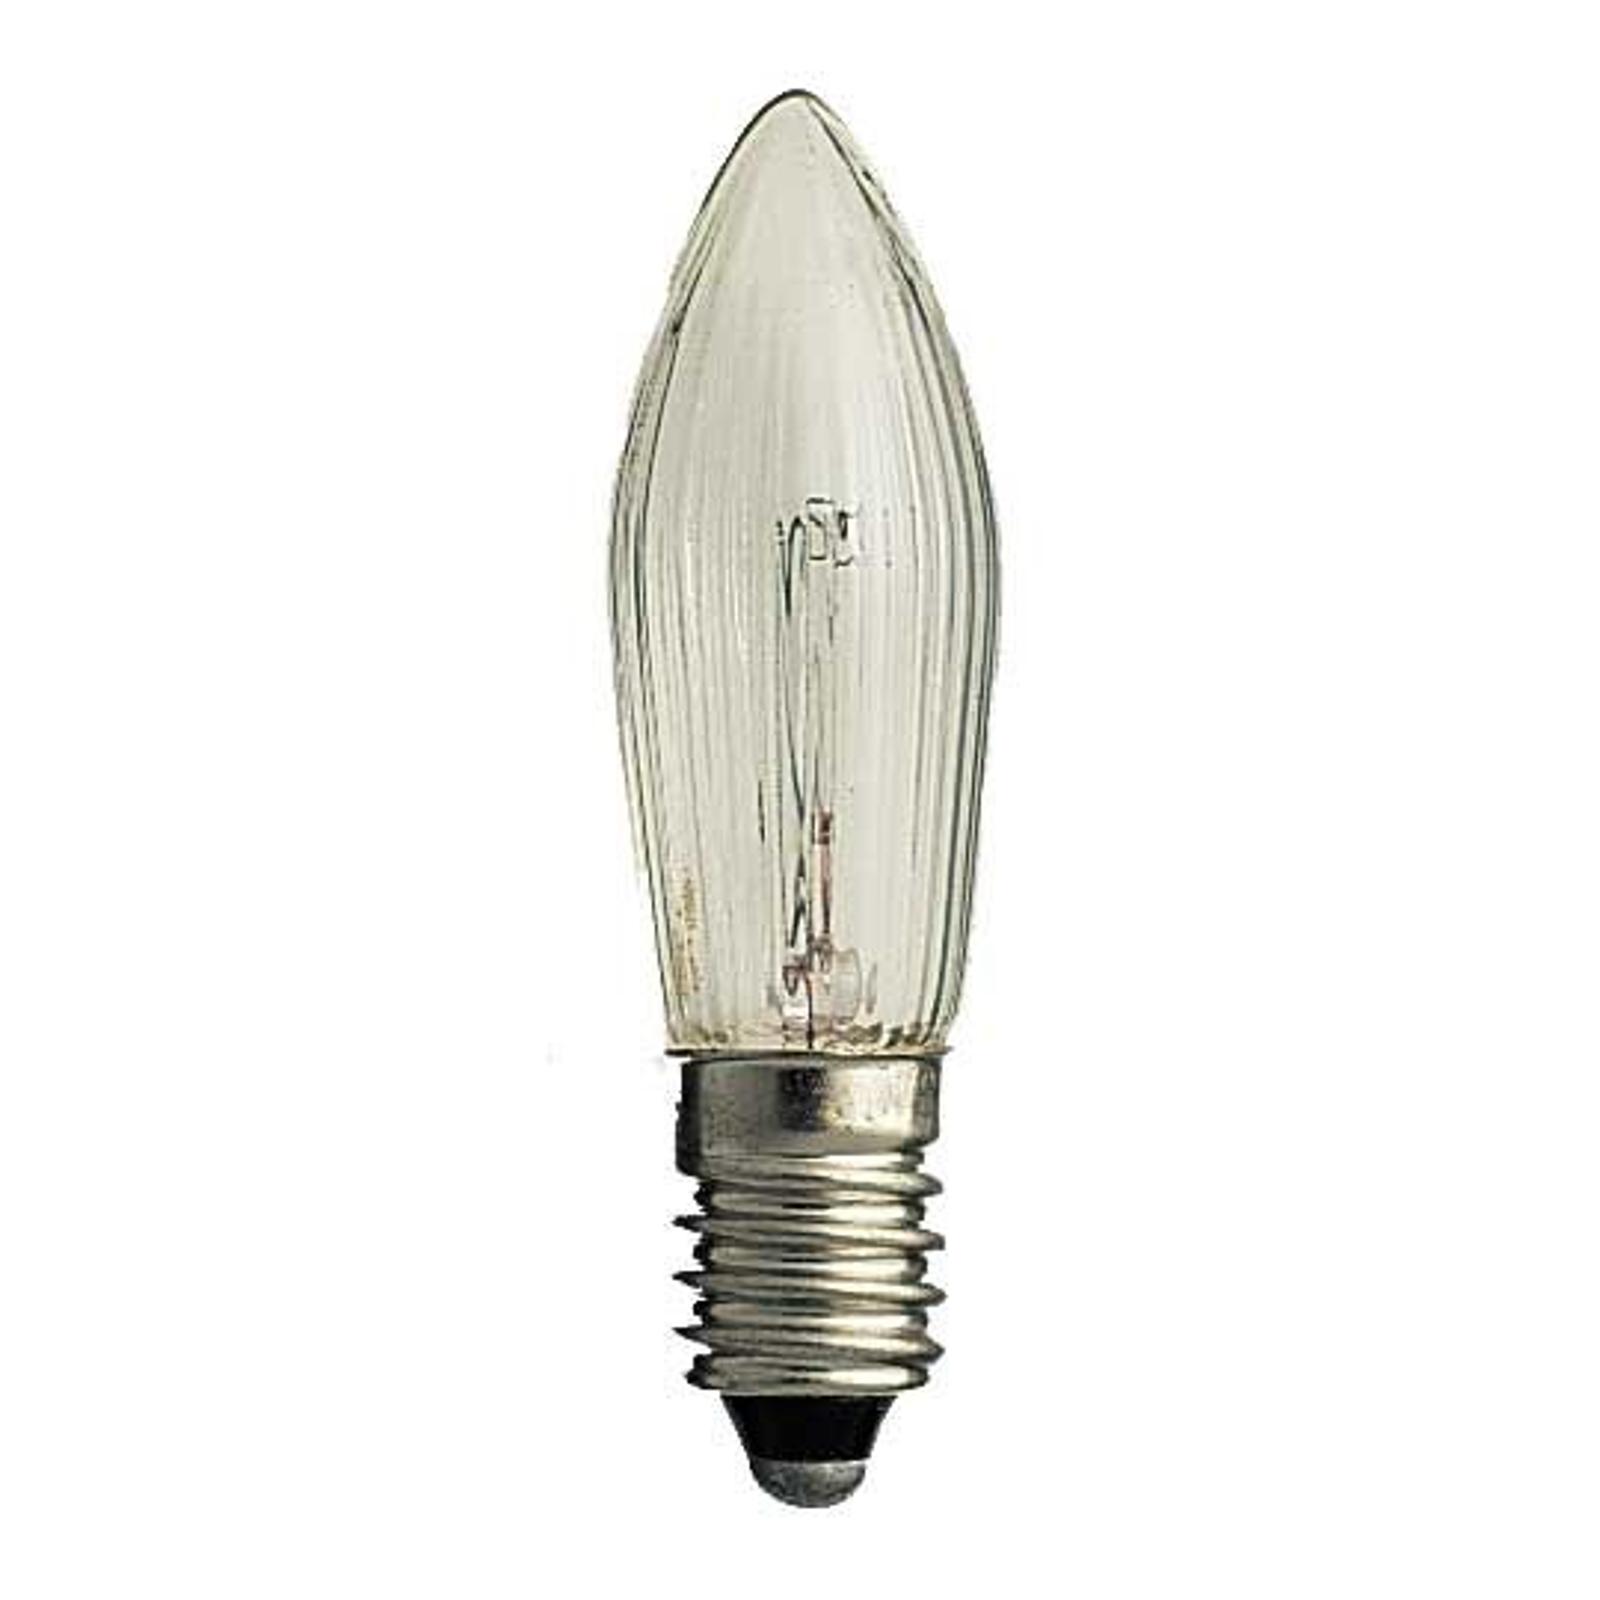 E10-55V-reservelamp van 3W, 3 st, kaarsvorm